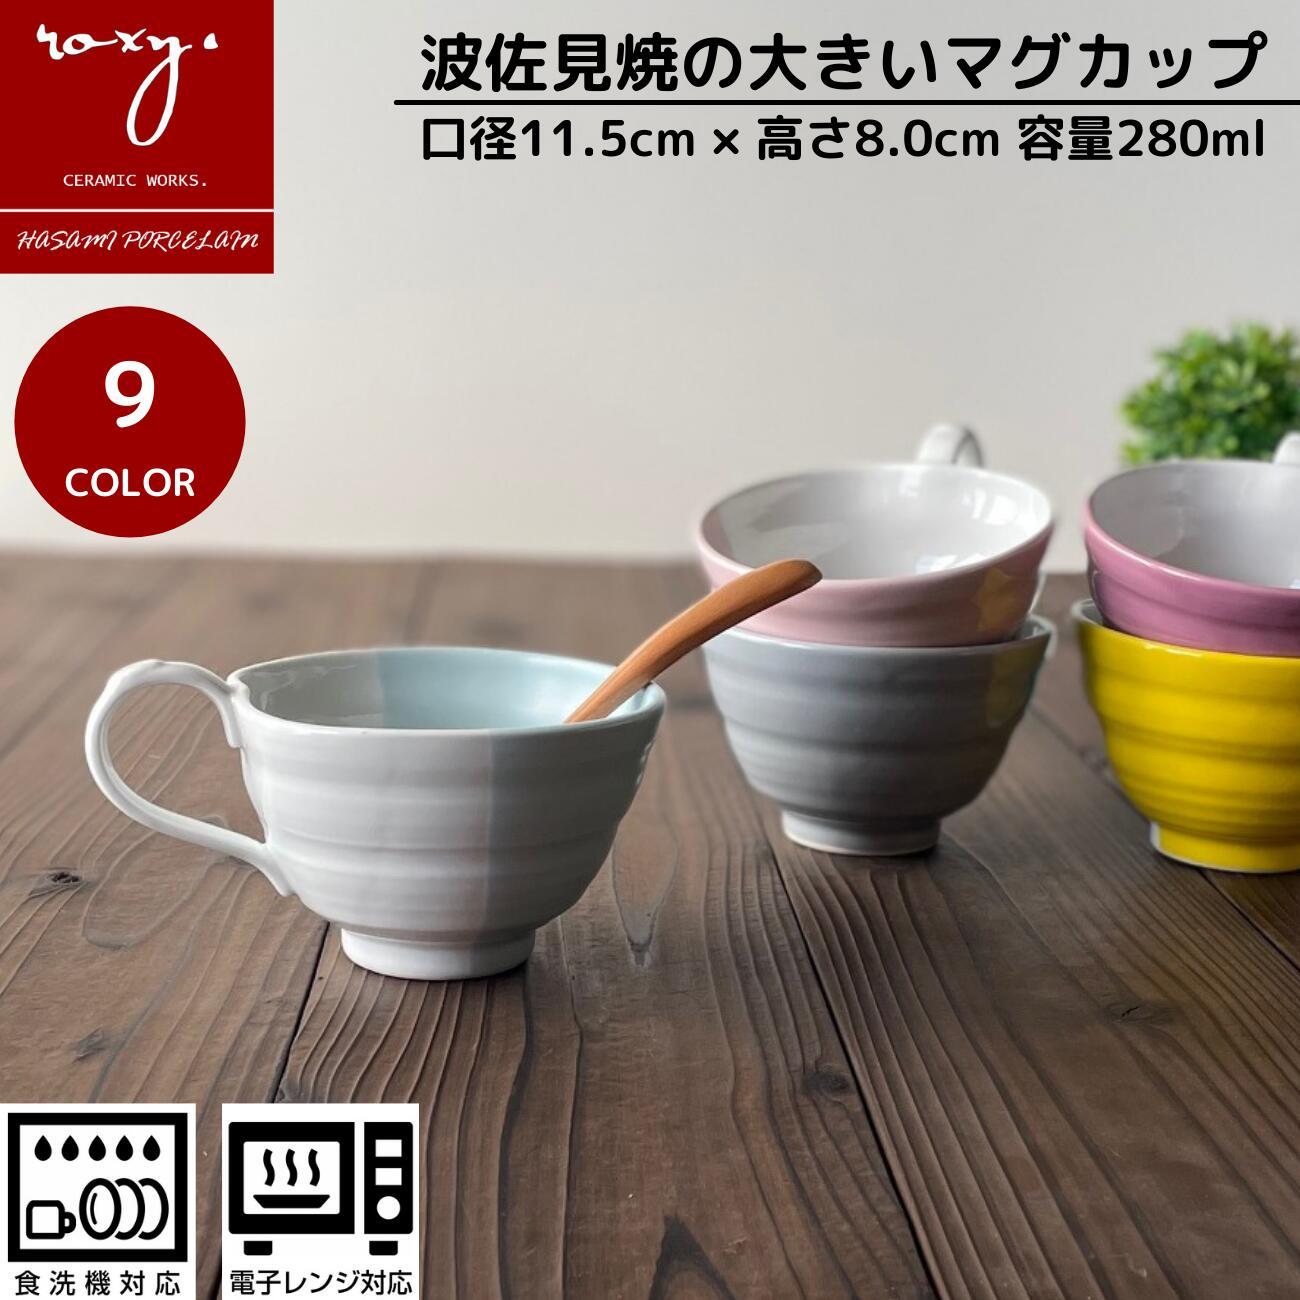 マグカップ 北欧 大きい 波佐見焼 おしゃれ プレゼント ROXY 公式 スープカップ 陶器 実用的 日本製 カフェオレボウル 当店は最高な サービスを提供します シチュー ギフト カレー 敬老の日2021 ココア 煮物 ハッピーカップ 信頼 納豆鉢 全6色 5 かわいい 可愛い